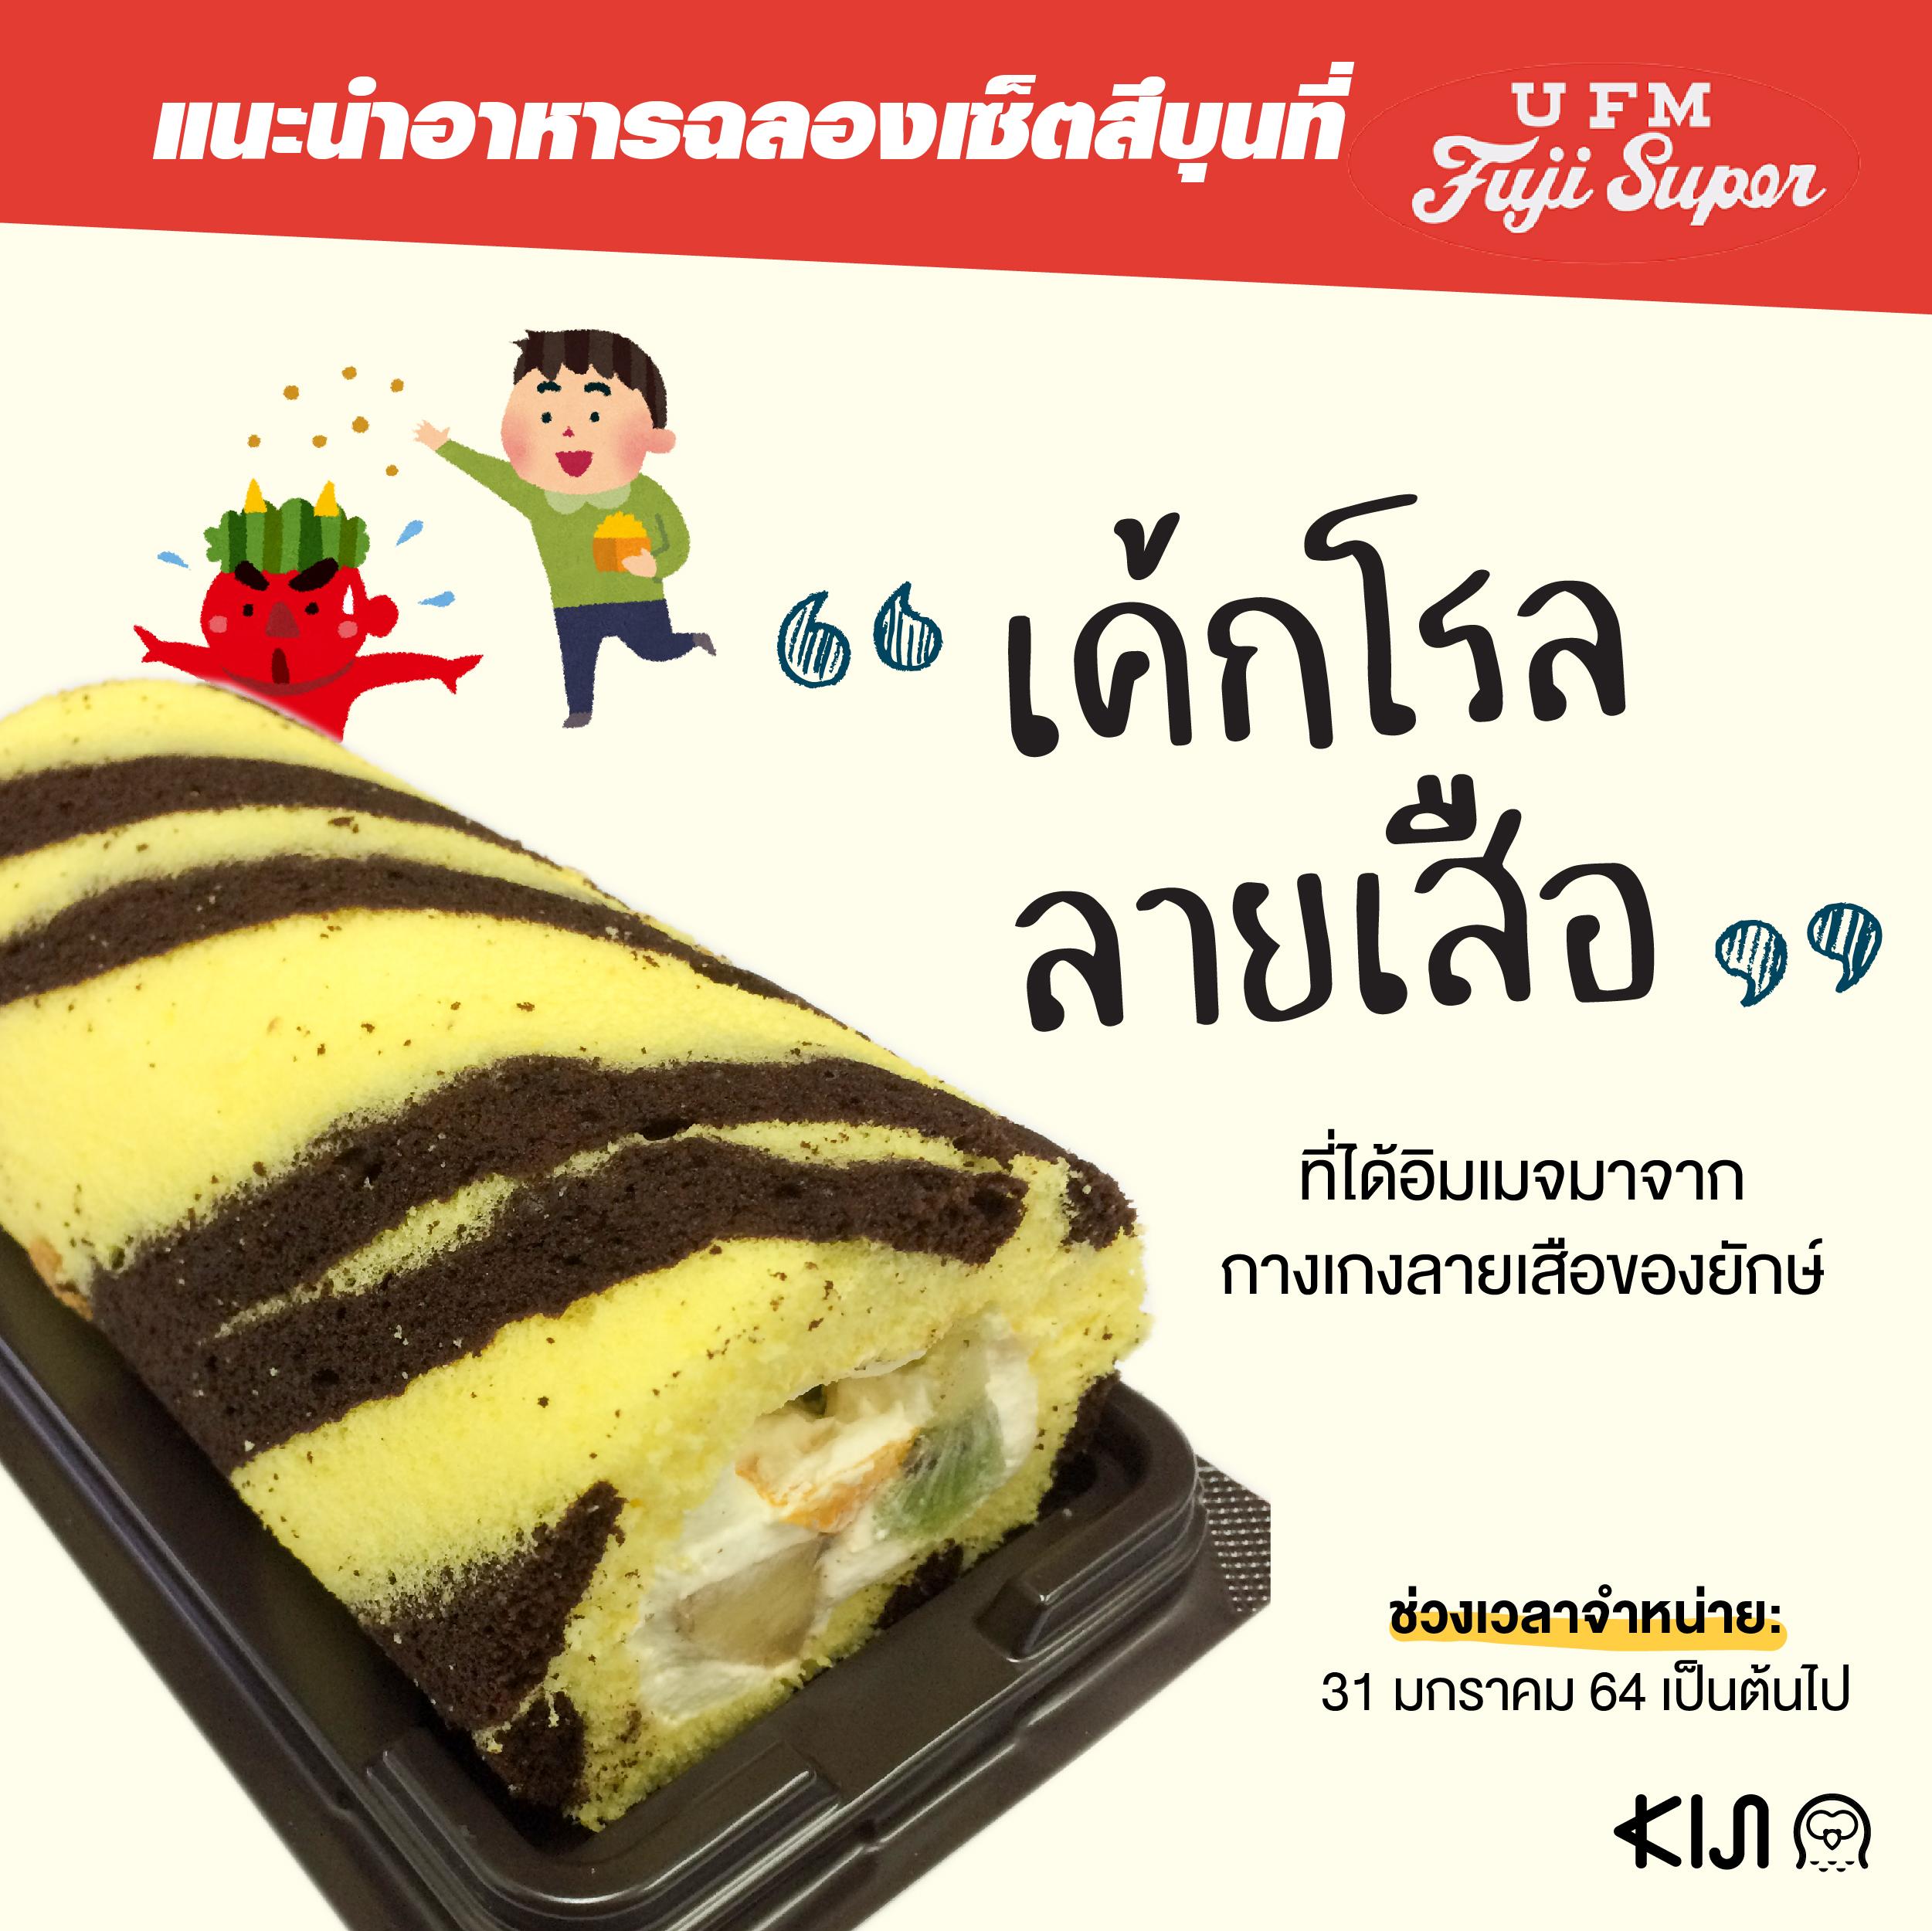 อาหารฉลอง เทศกาลเซ็ตสึบุน : เค้กโรลลายเสือ จำหน่ายที่ UFM Fuji Super